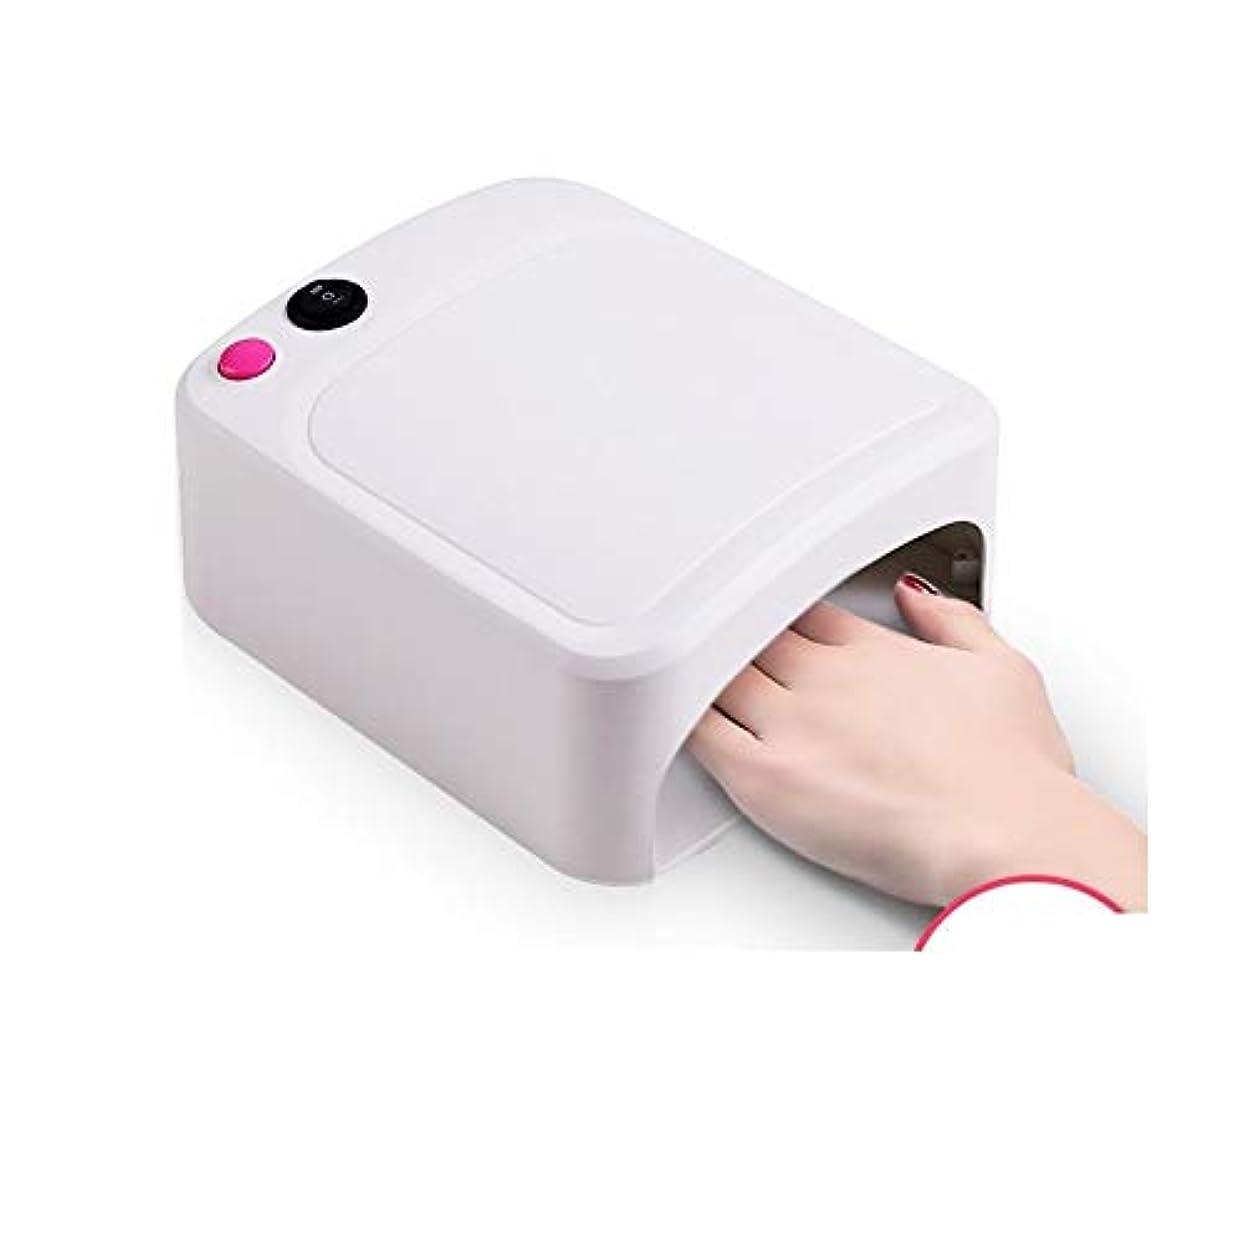 スピリチュアル考えた多分LittleCat 米国の規制110VフラットプラグネイルUVランプ36WライトセラピーマシンネイルネイルドライヤーUVランプヒートランプ (色 : Pink)